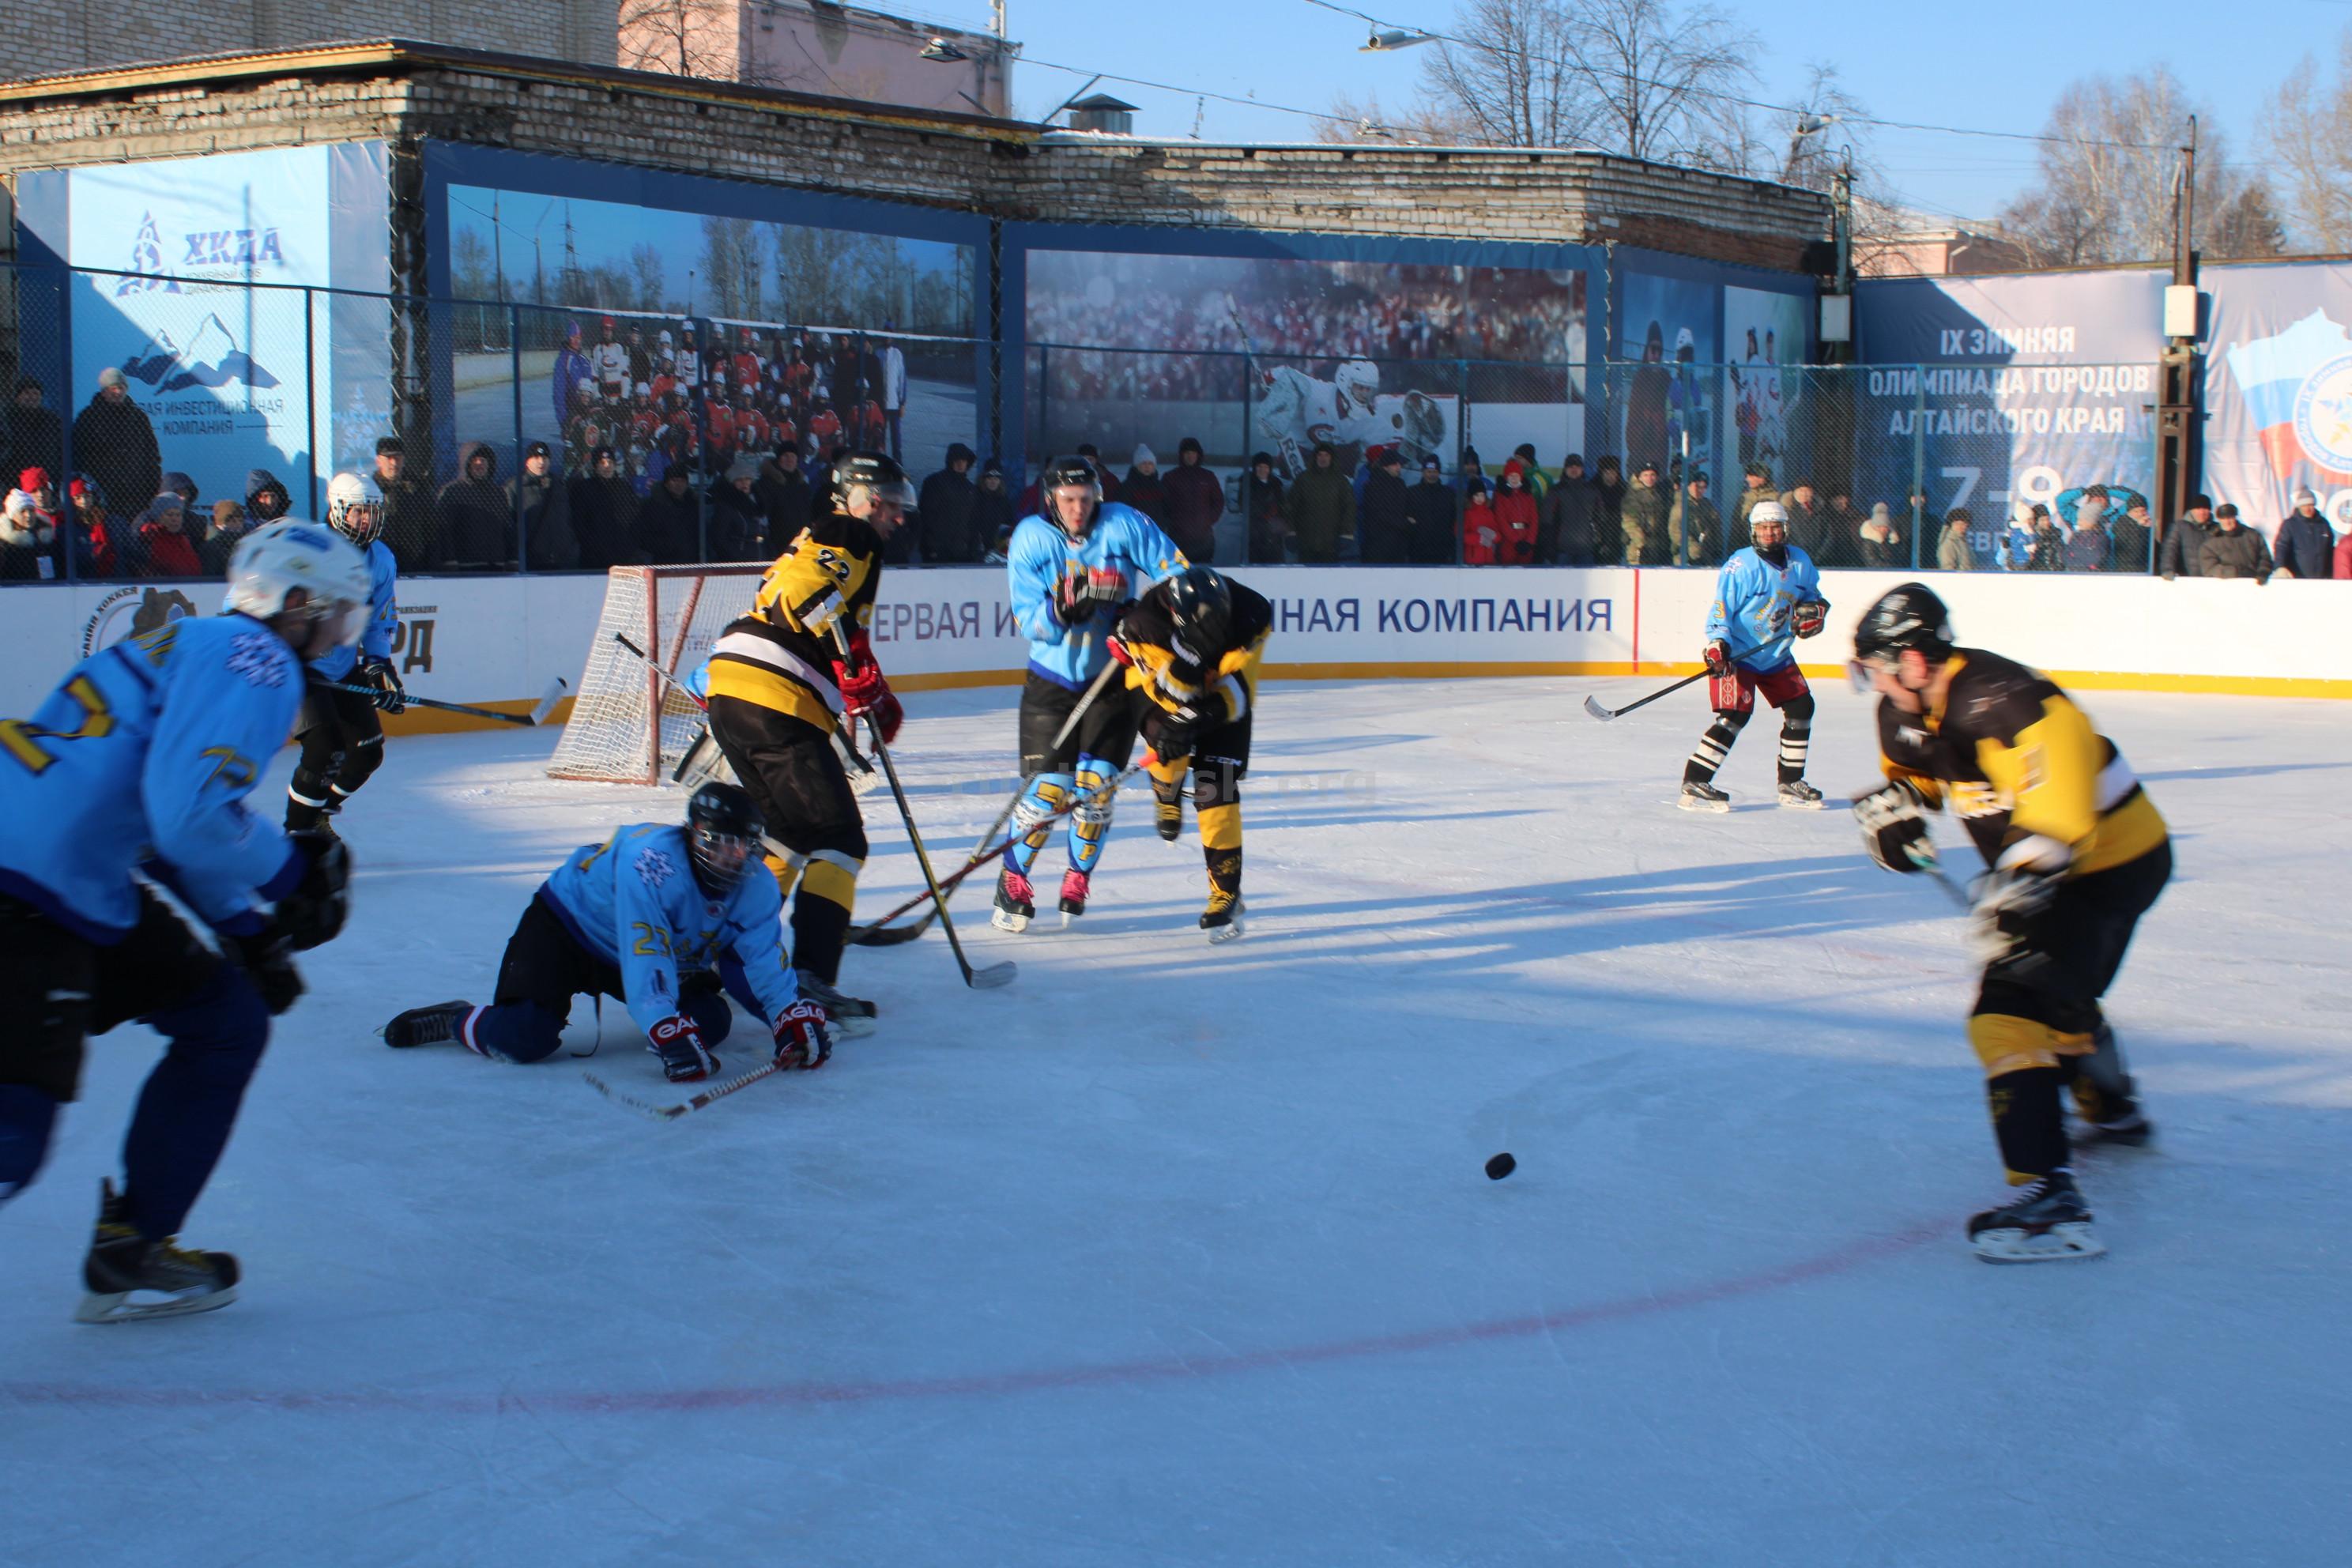 Предварительные итоги хоккейных состязаний